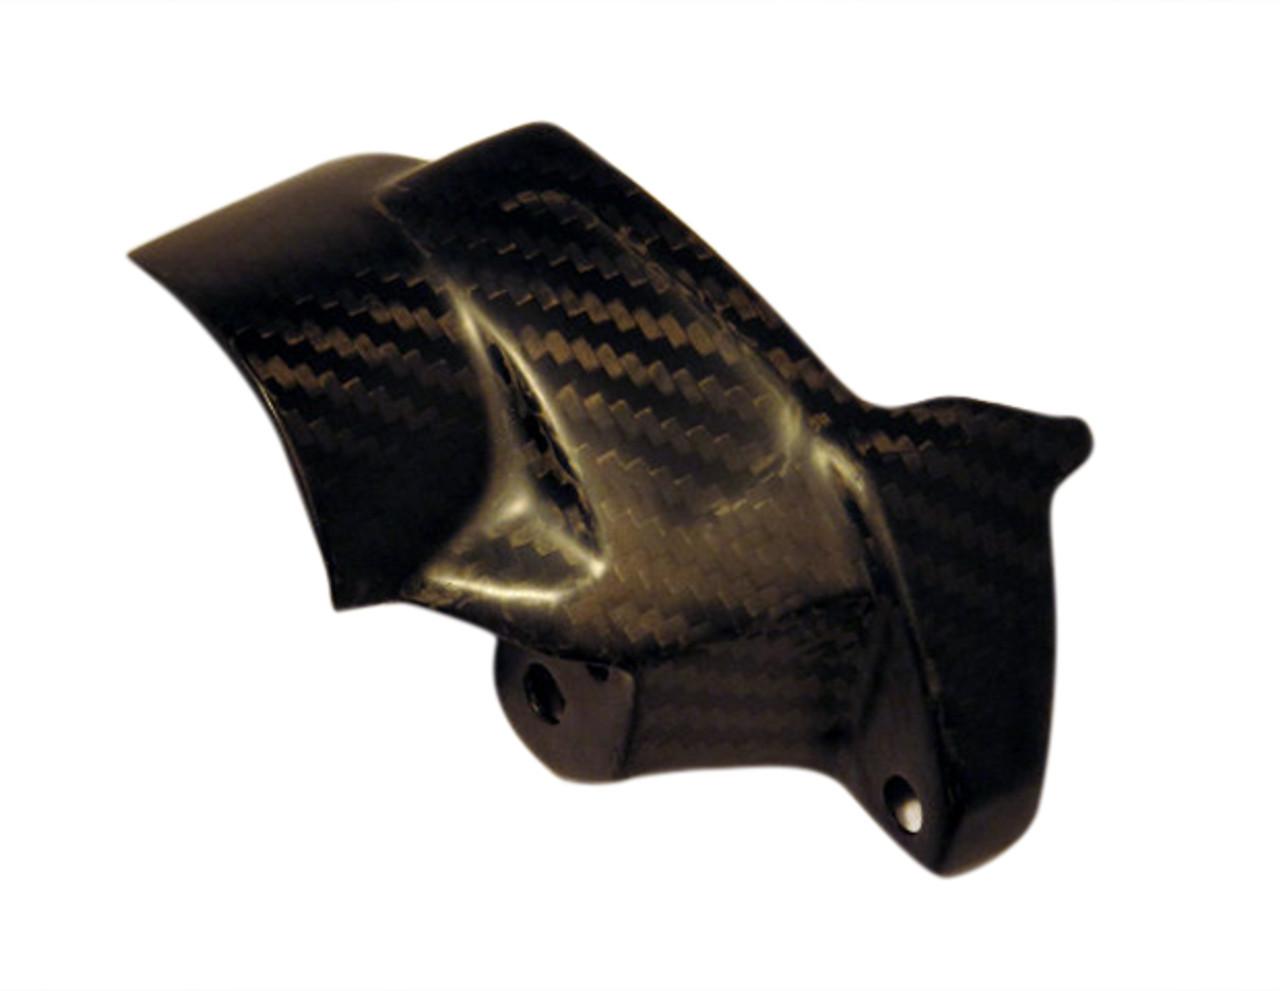 Brake Fluid Tank Cover for Aprilia Tuono V4 2011-2014 in Matte Twill Weave Carbon Fiber